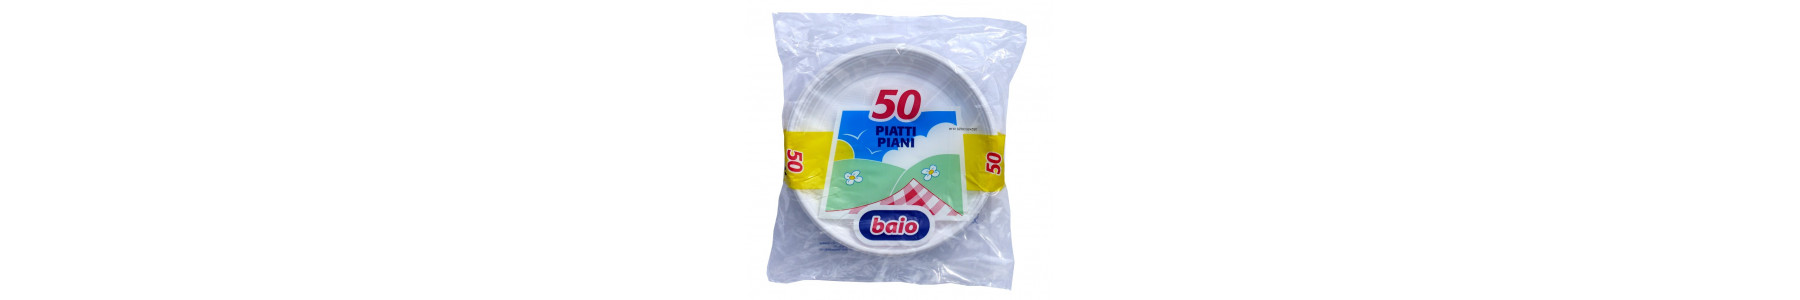 Articole din plastic de unica folosinta ARISTEA - BAIO